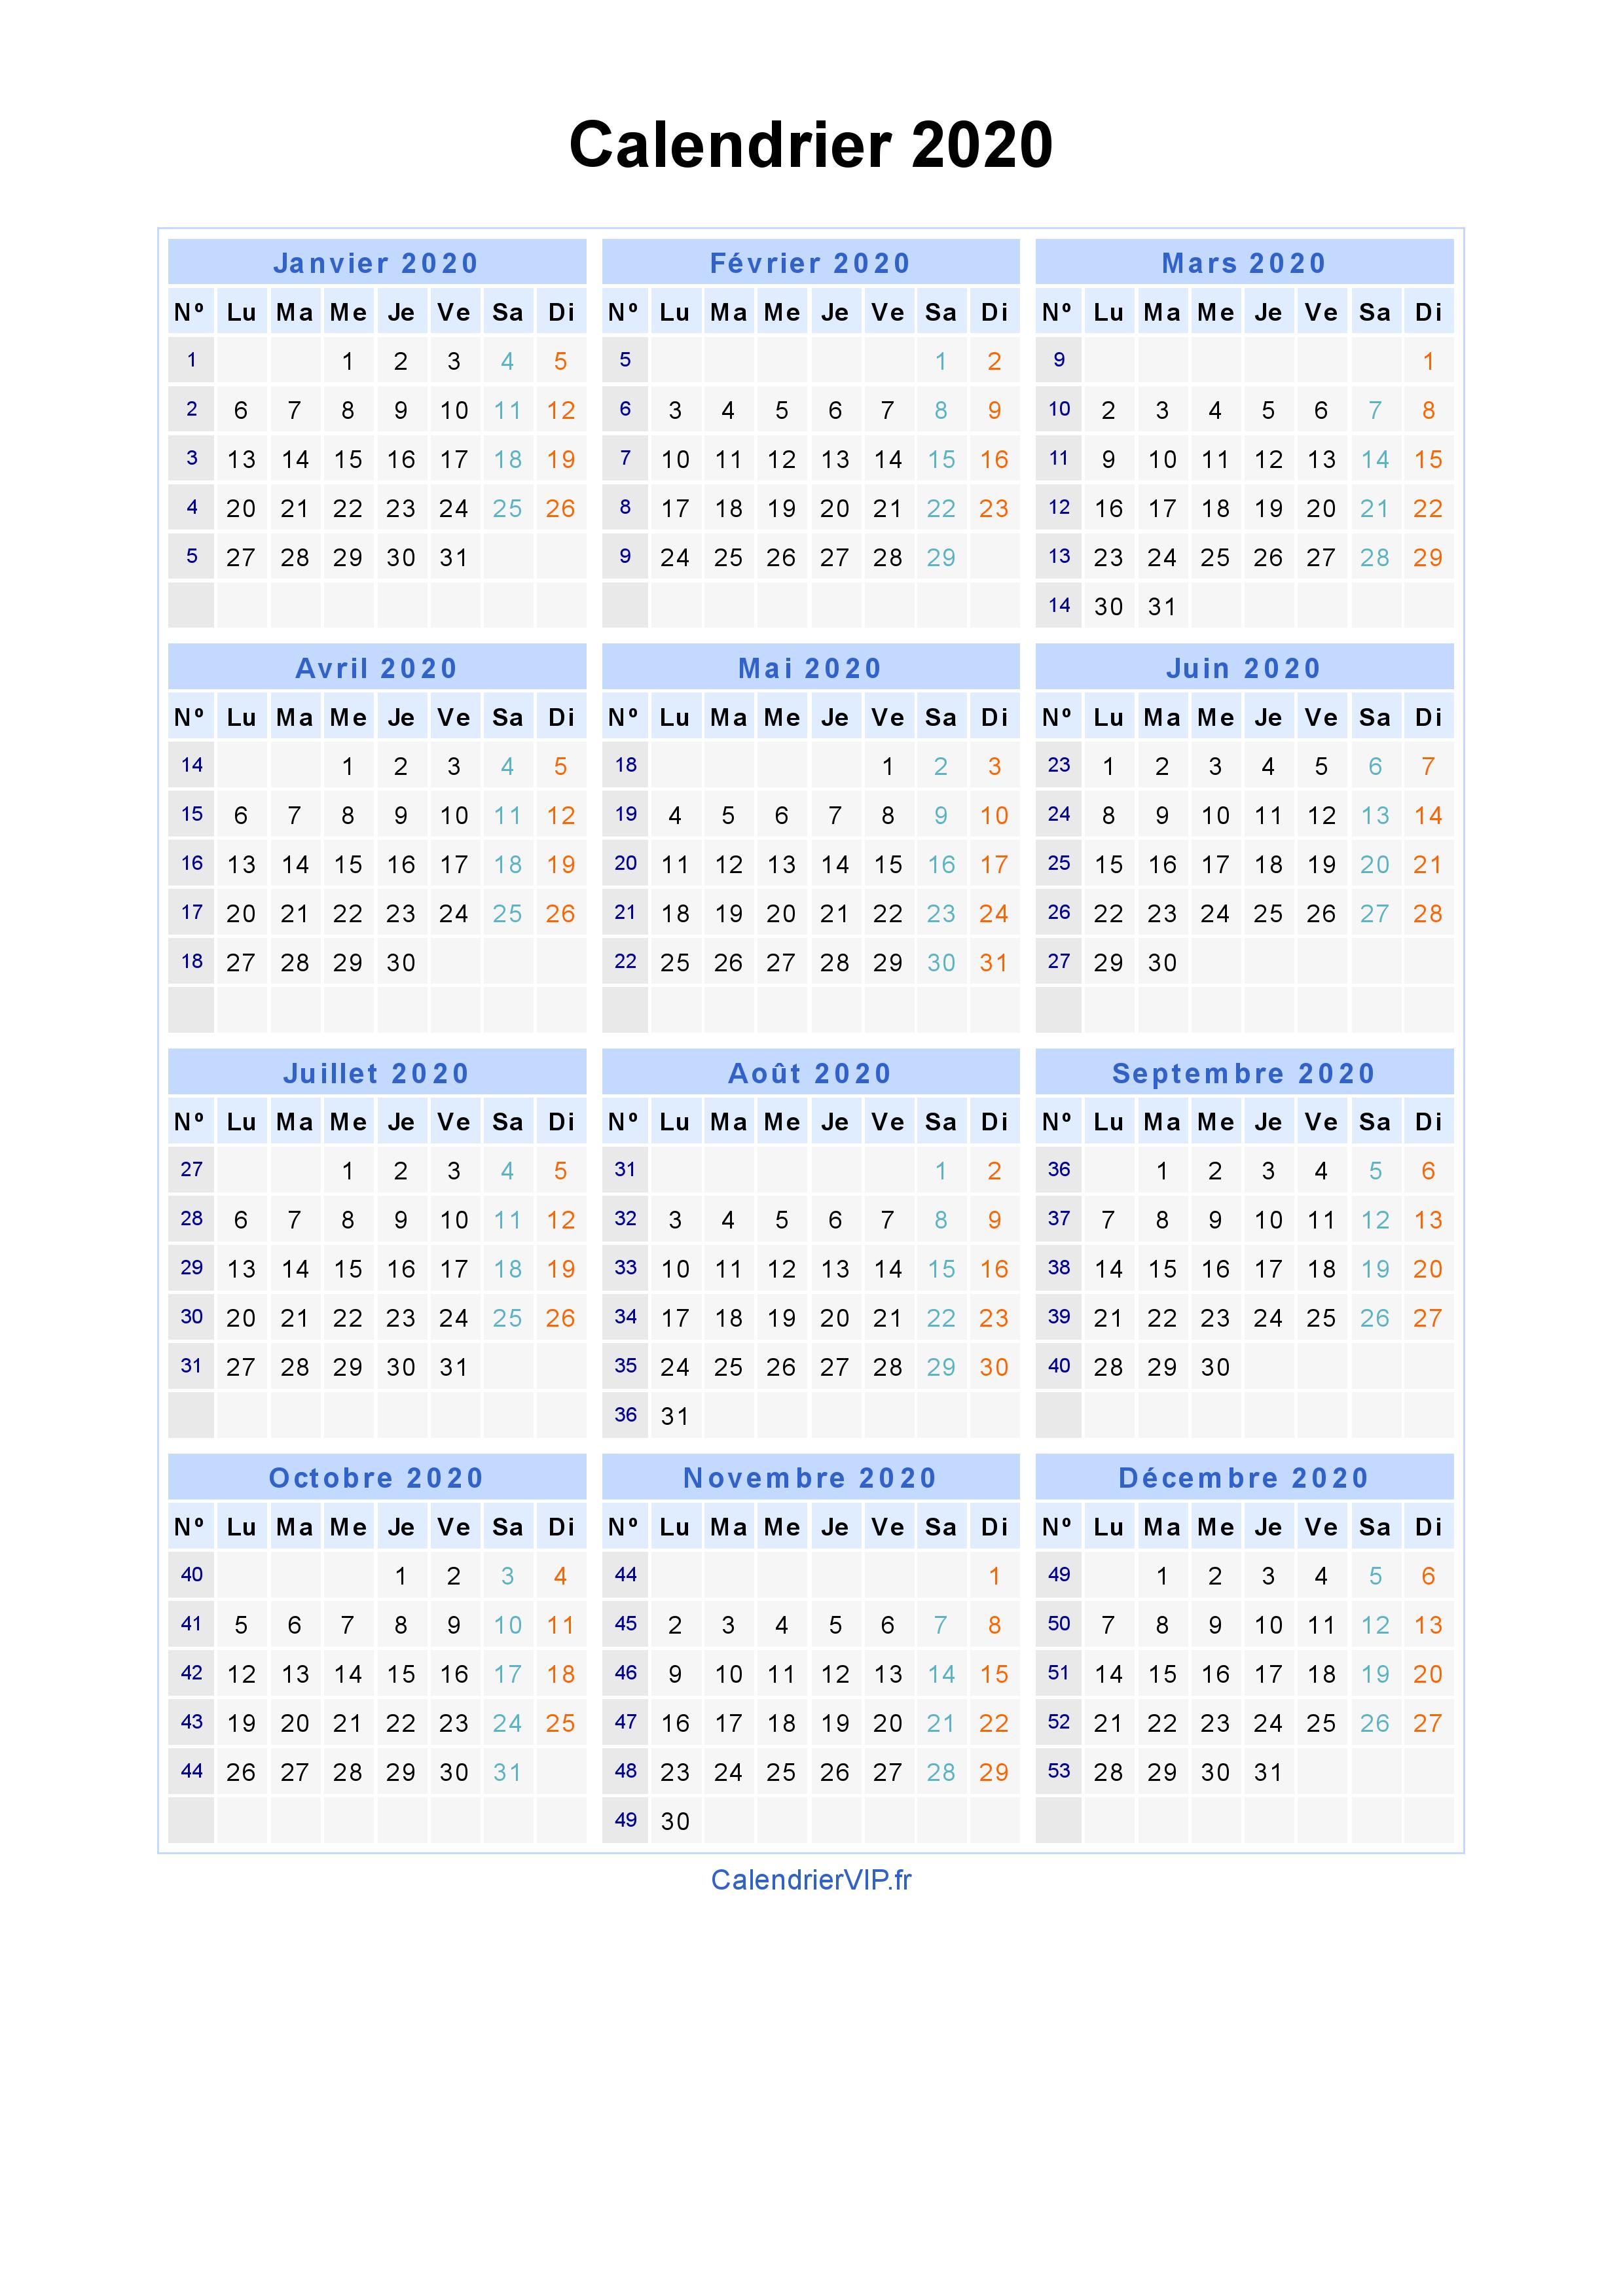 Calendrier 2020 imprimer gratuit en pdf et excel - Calendrier de la coupe de france 2015 ...